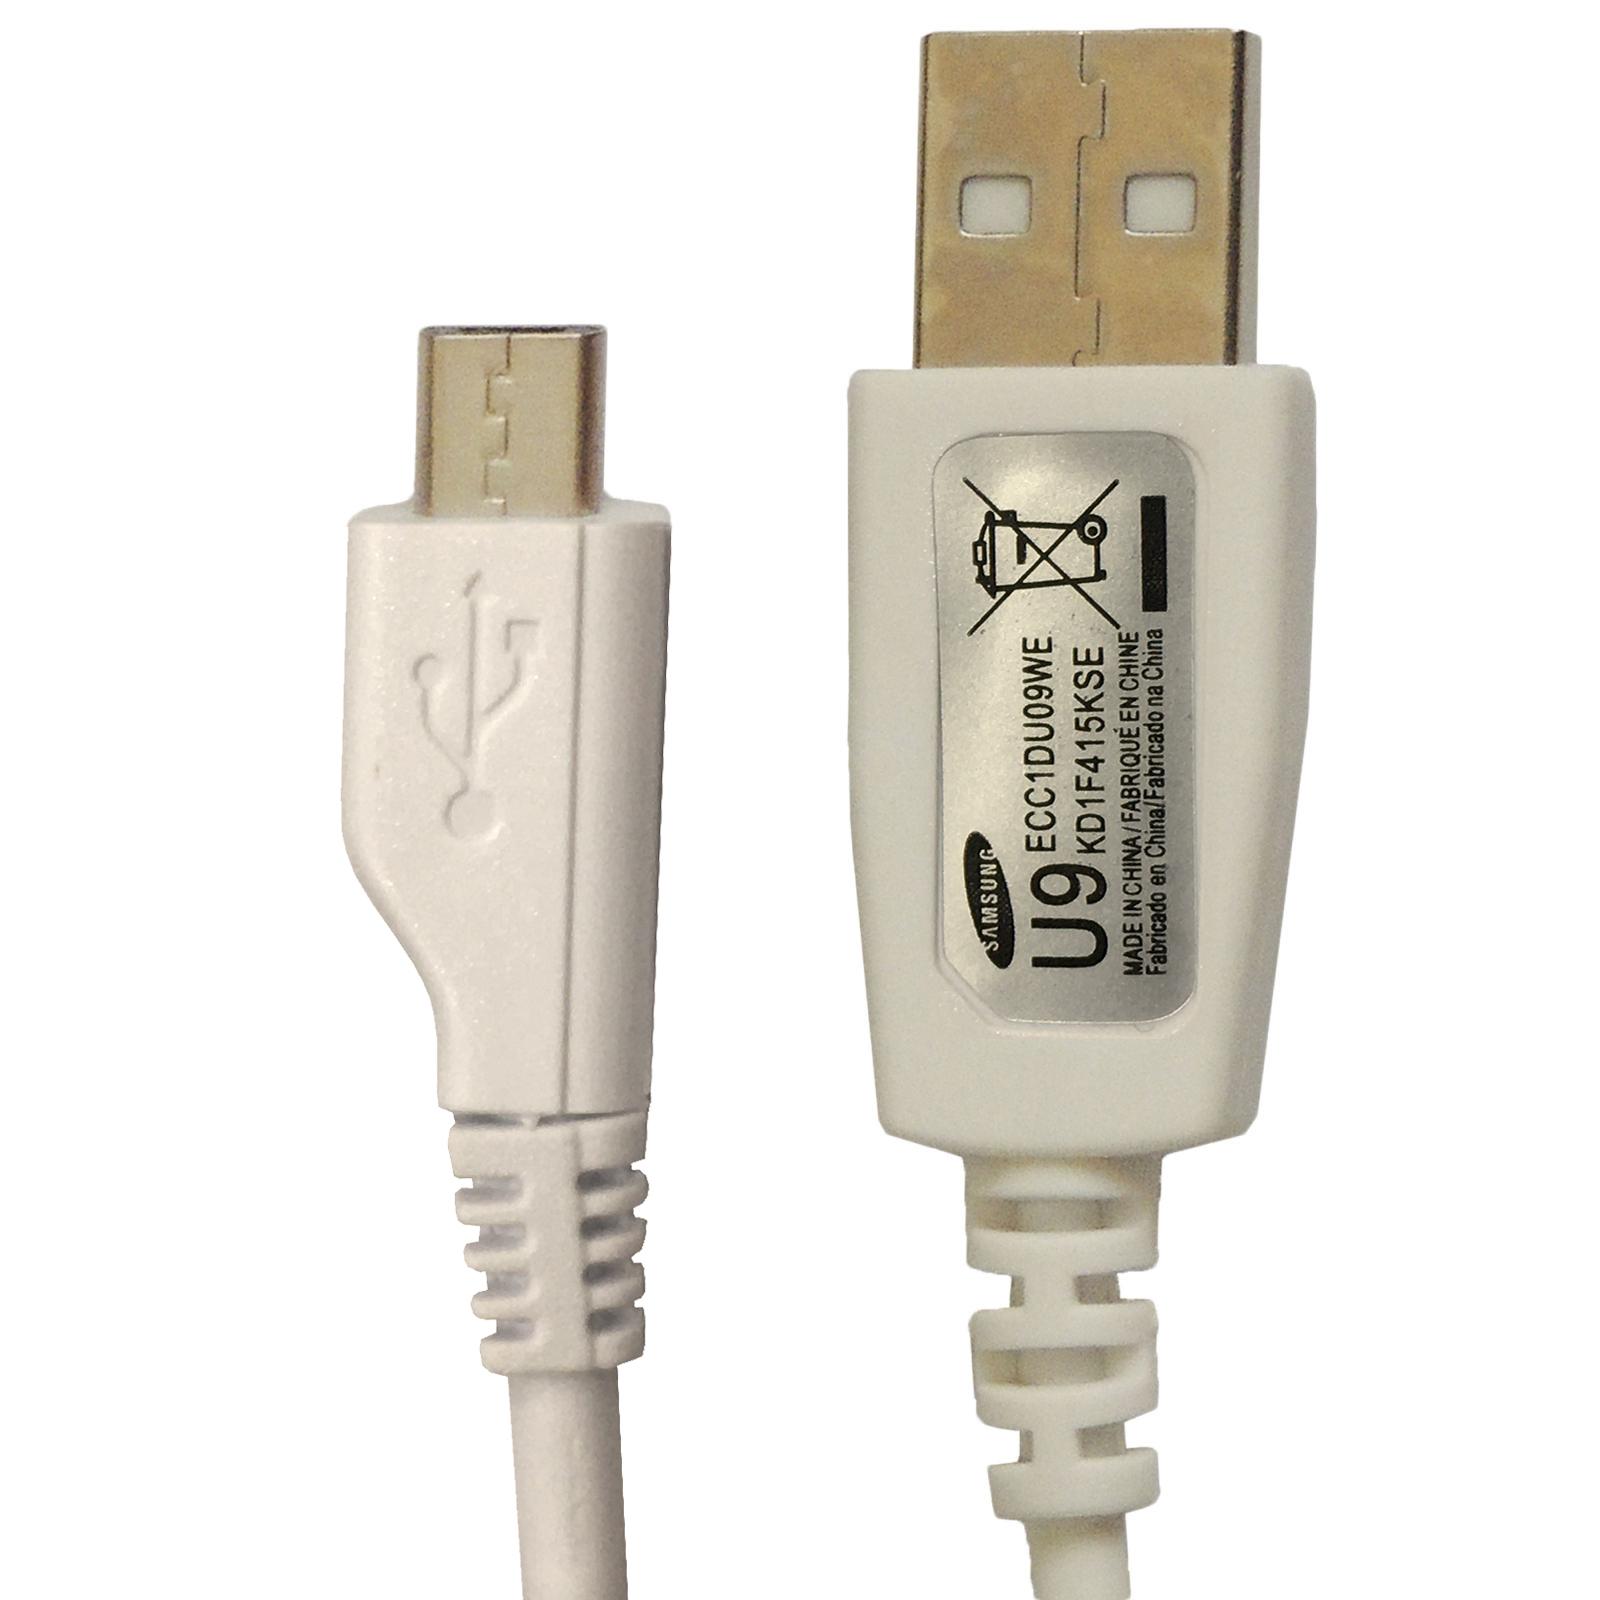 کابل تبدیل USB به microUSB  مدل U9 طول 1.5 متر                      غیر اصل